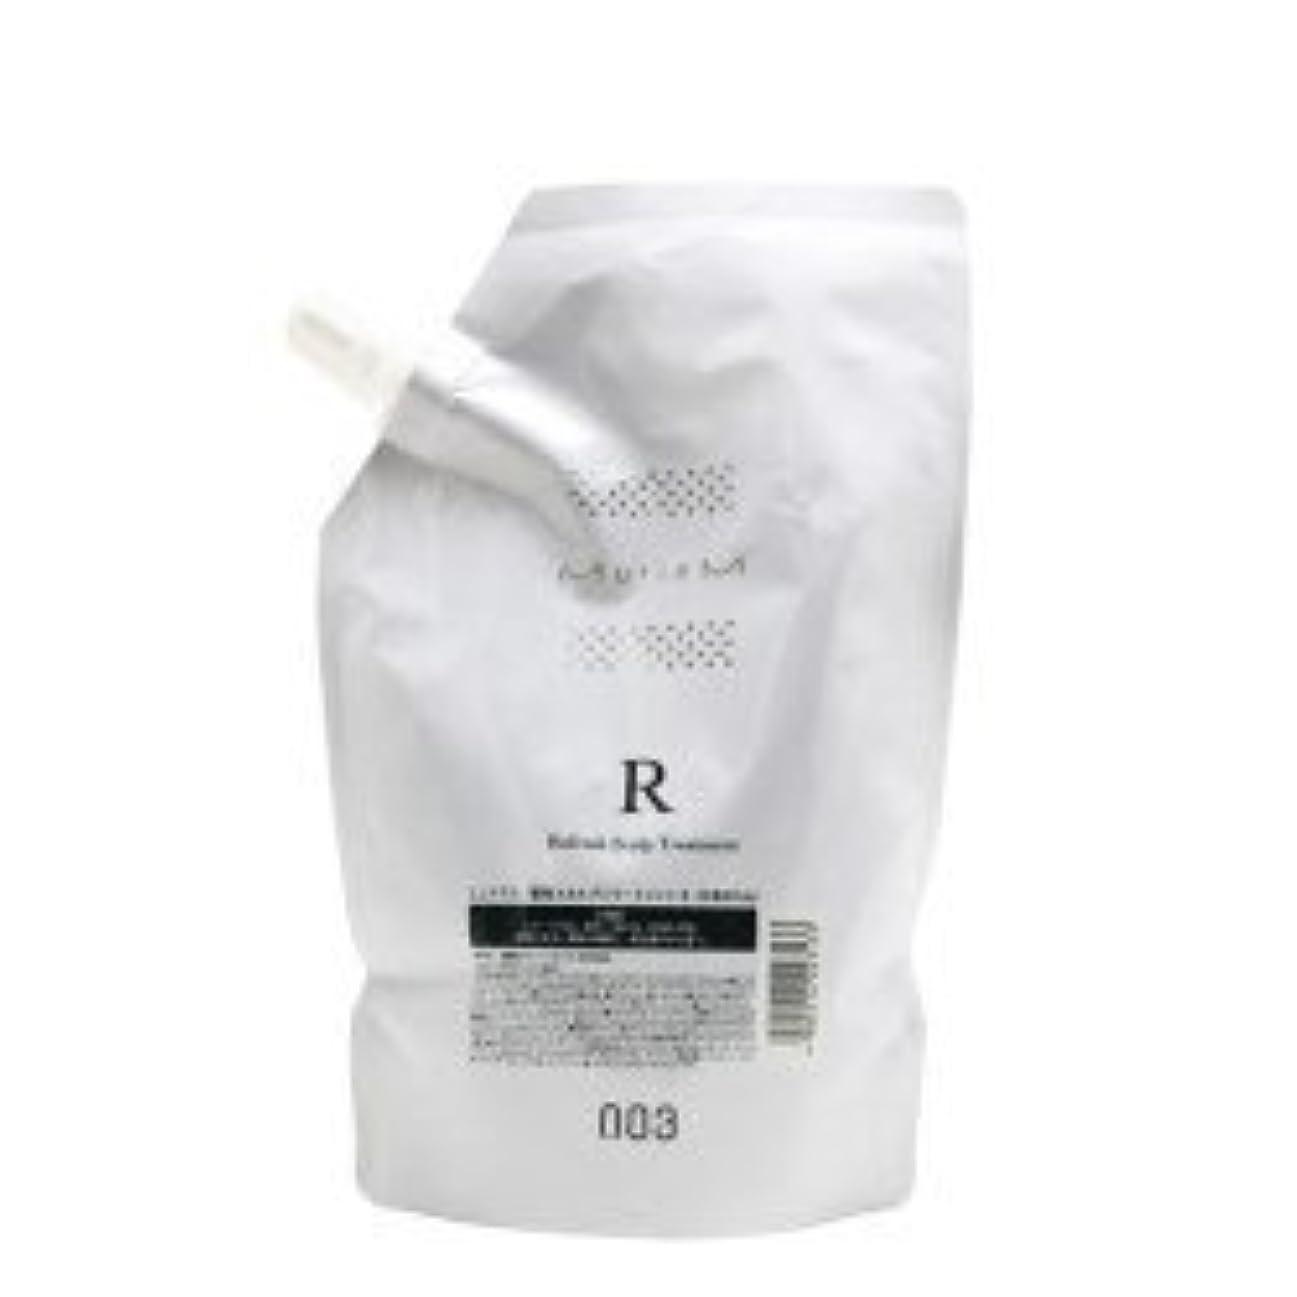 教科書菊寸法ナンバースリー ミュリアム ・クリスタル 薬用スカルプ トリートメント R 500g (レフィル)